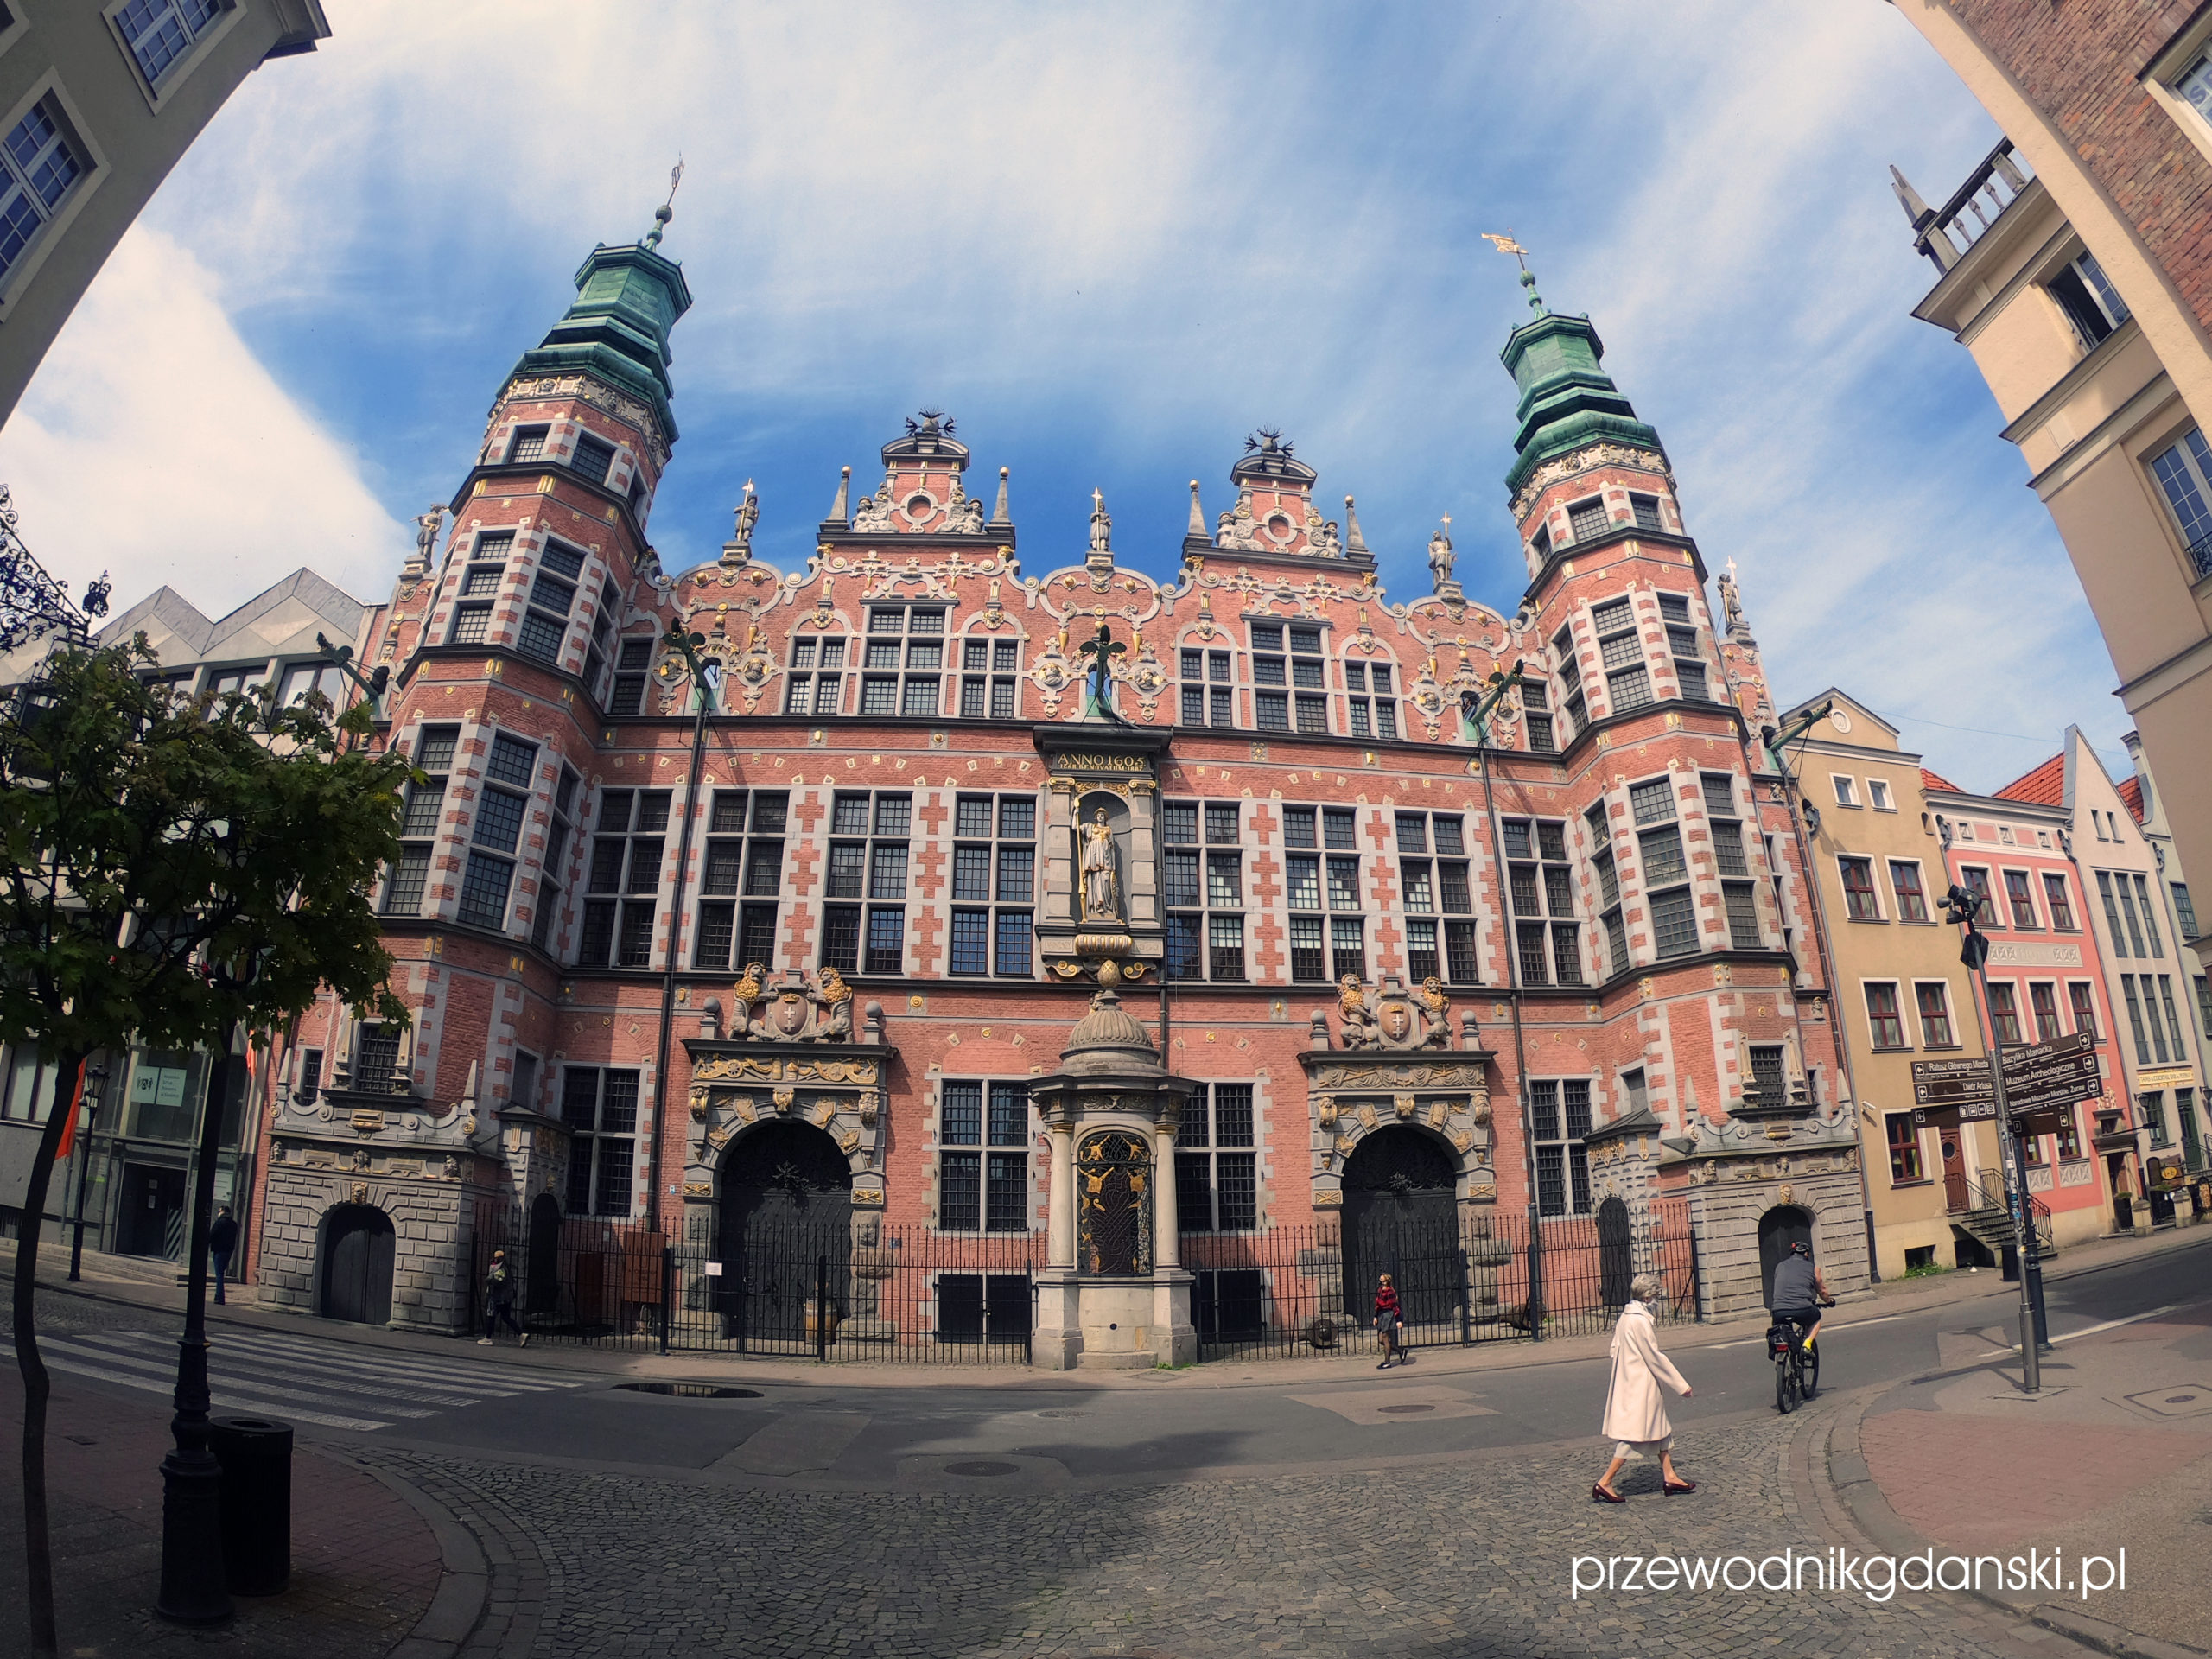 Wielka Zbrojownia, Gdańsk